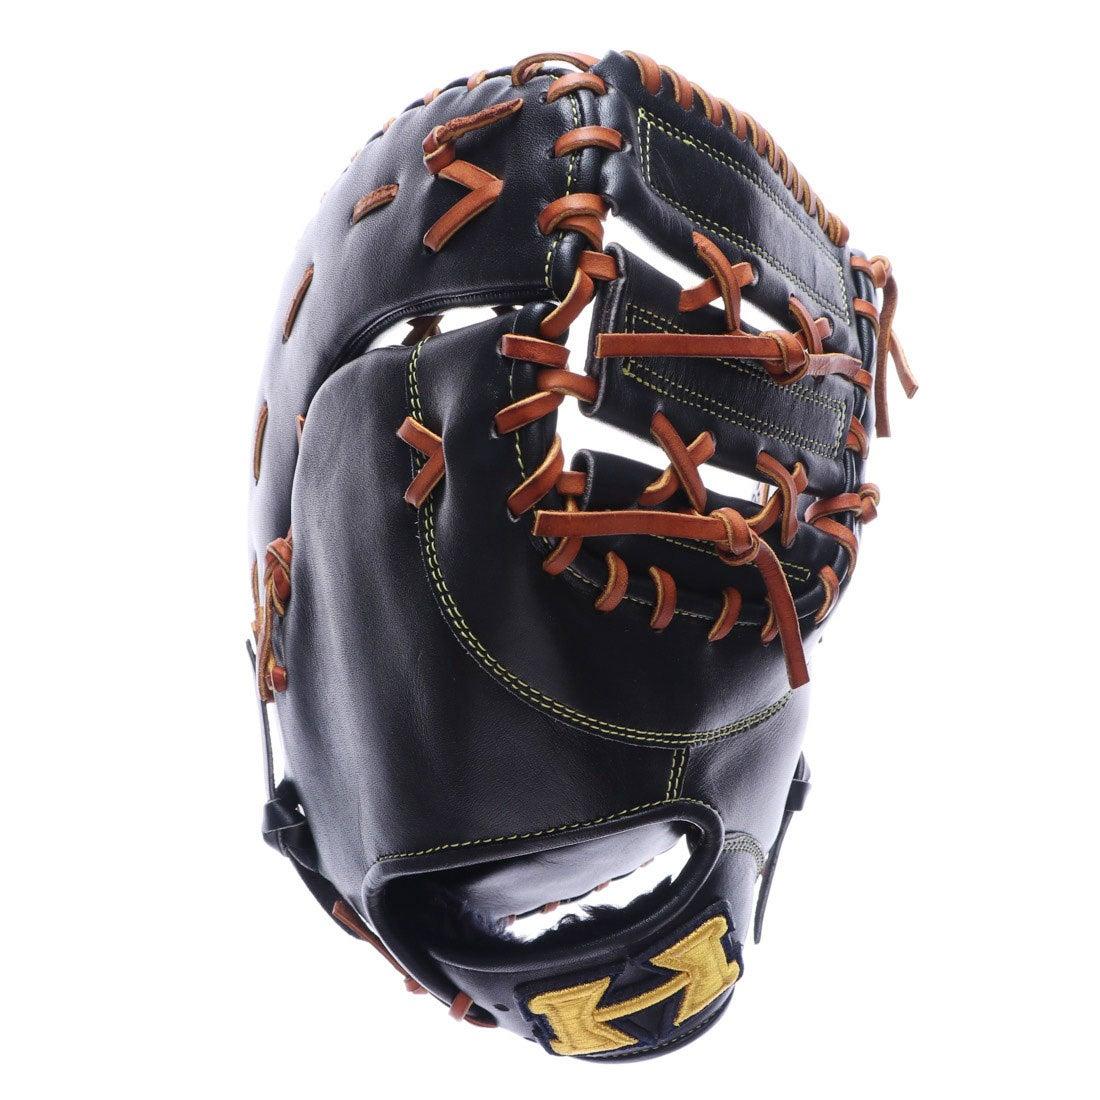 ハイゴールド Hi-GOLD 軟式野球 ファースト用ミット 軟式ファーストミット APG-240F